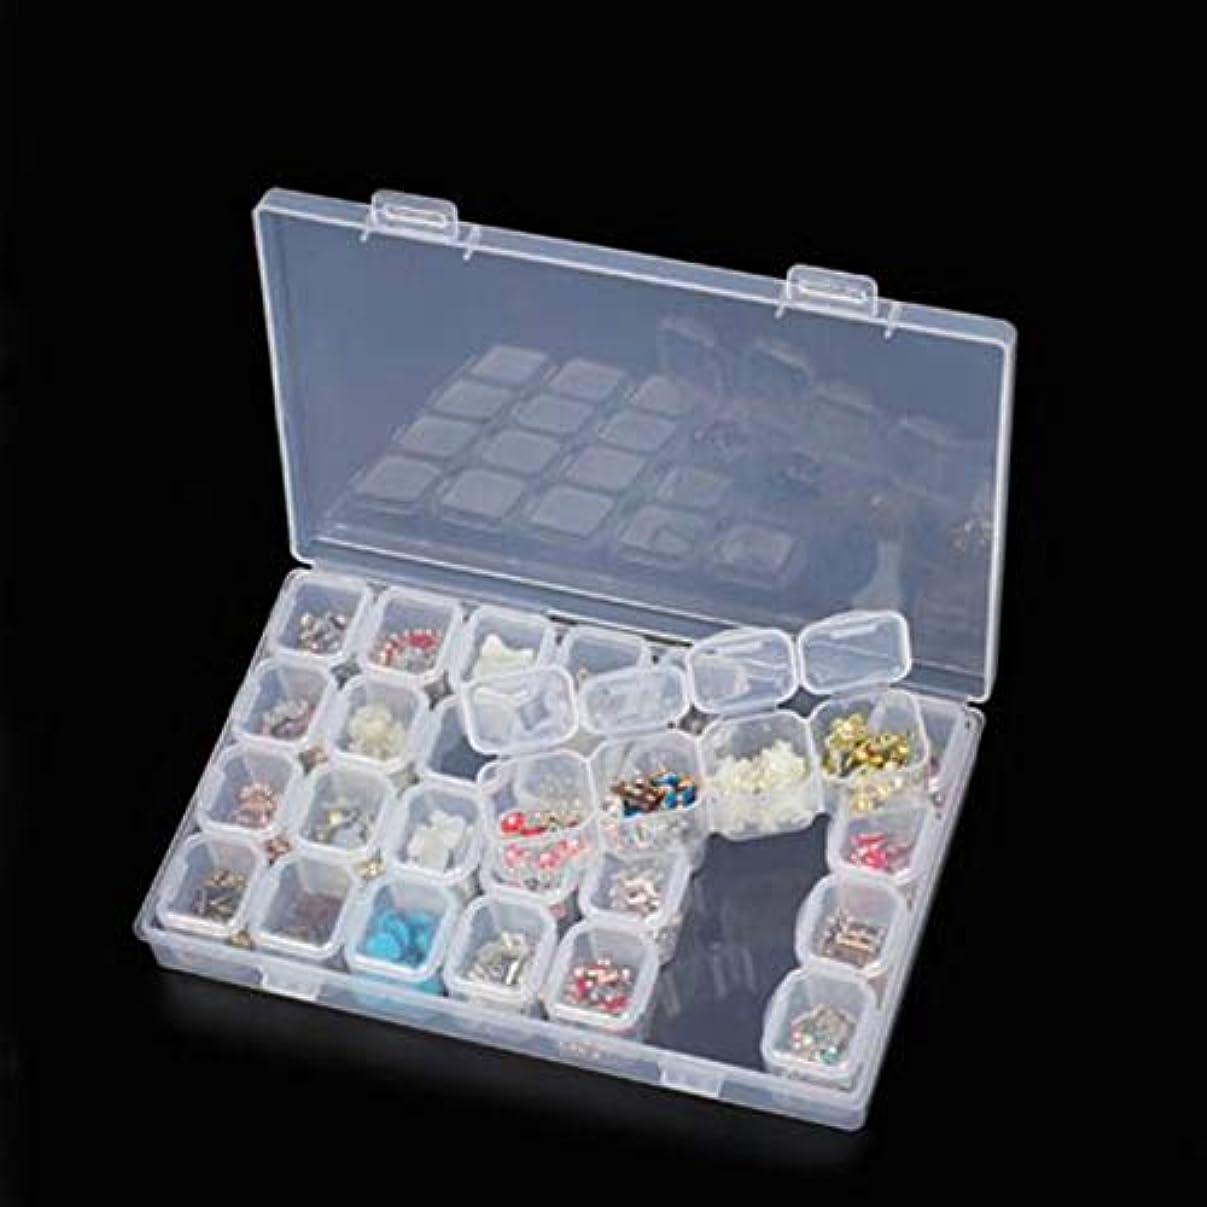 サスティーン衝突汚染するBirdlantern 28スロットプラスチック収納ボックスダイヤモンド塗装キットネイルアートラインストーンツールビーズ収納ボックスケースオーガナイザーホルダー